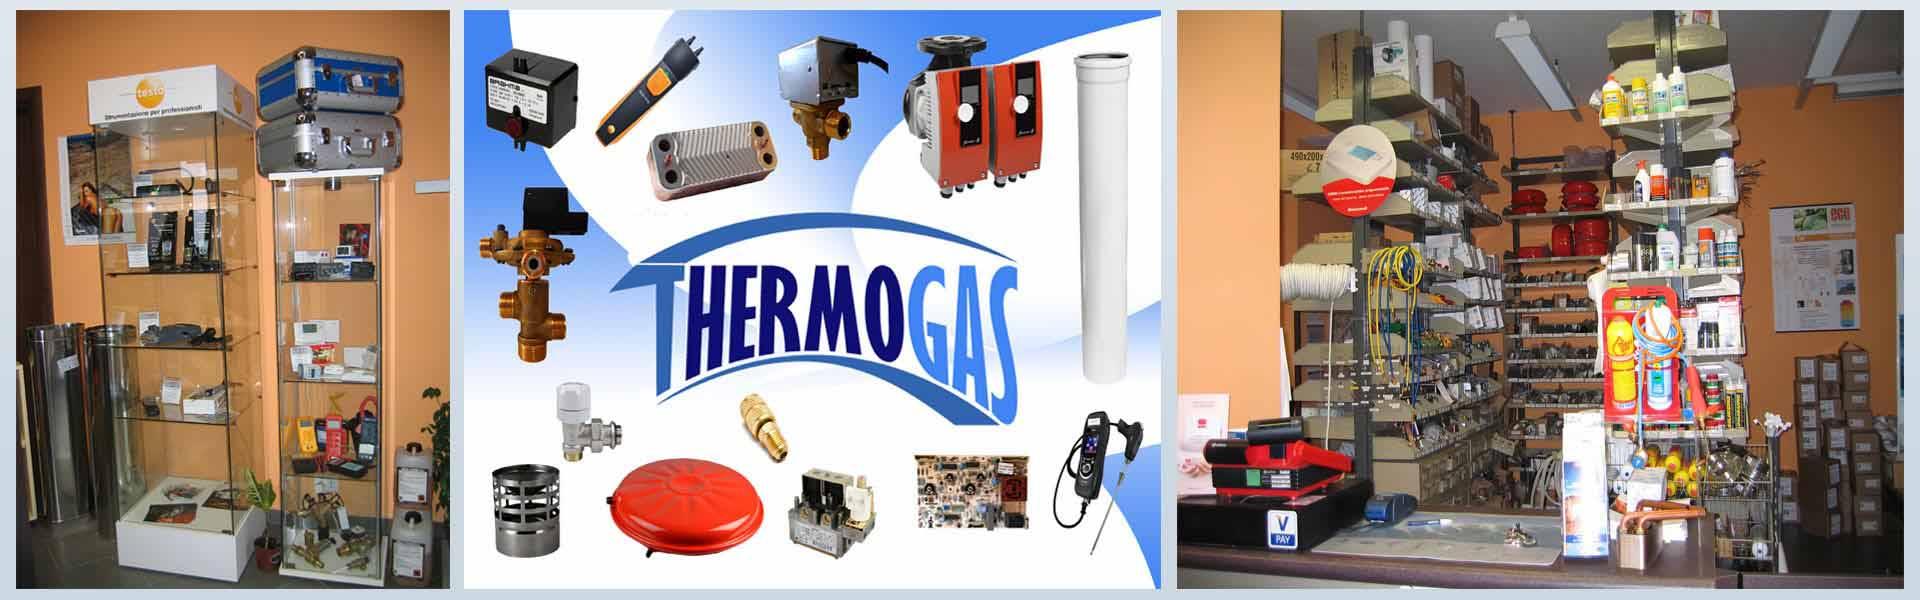 foto interna negozio dei prodotti di thermogas per ricambi caldaie e bruciatori